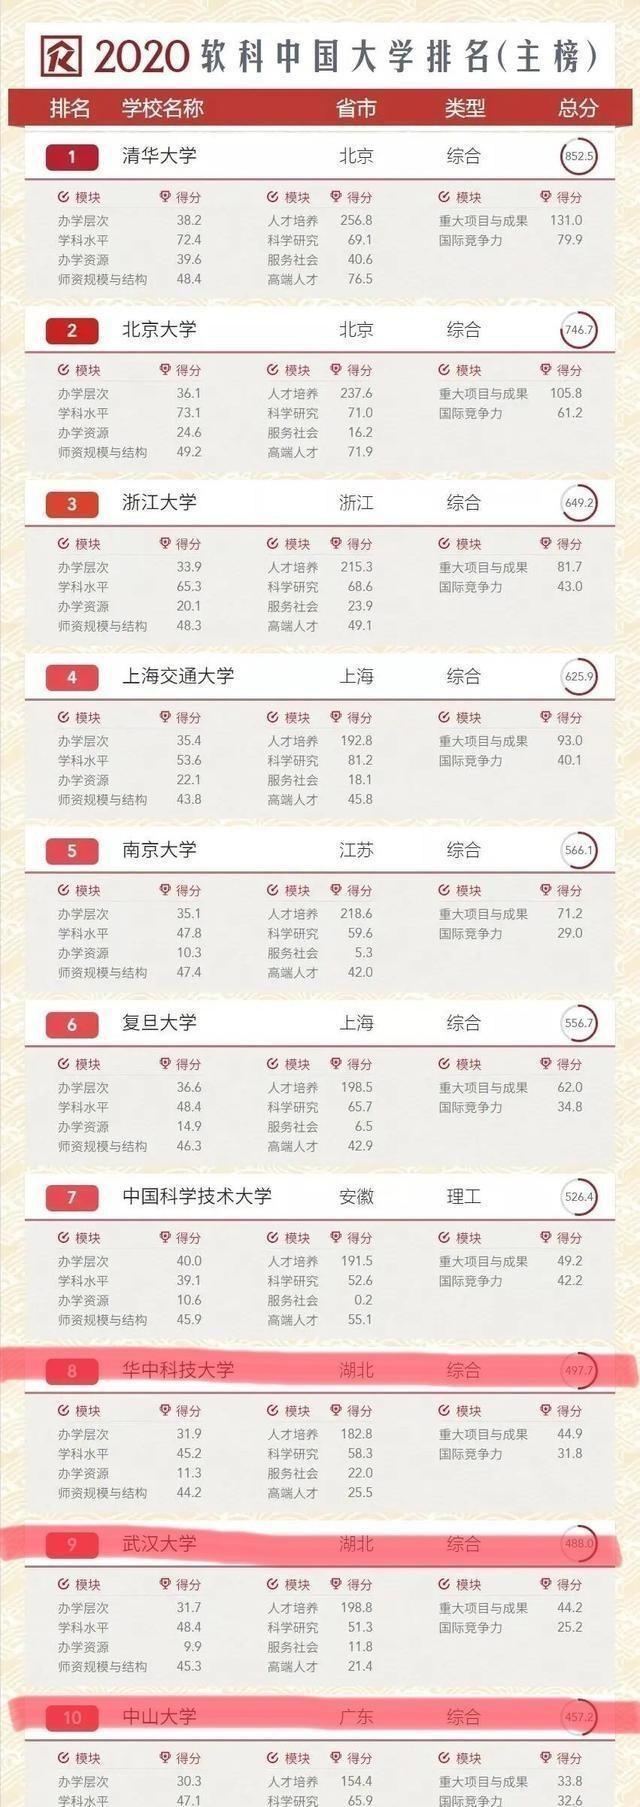 2020软科中国大学排行榜 武大、华科均进入前十